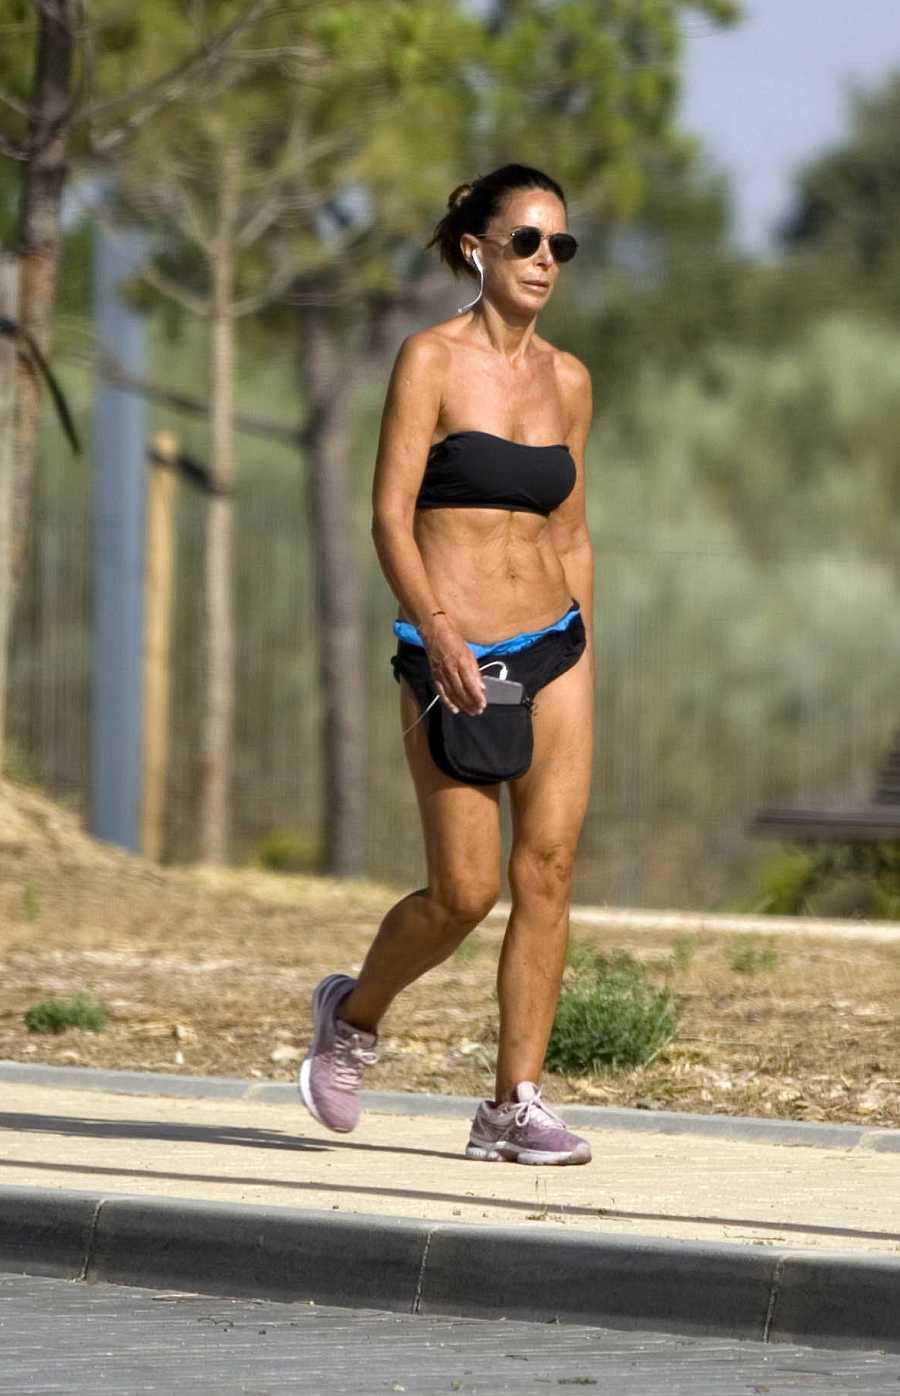 Lidia Bosch, una mujer deportista que presume de espectacular cuerpo